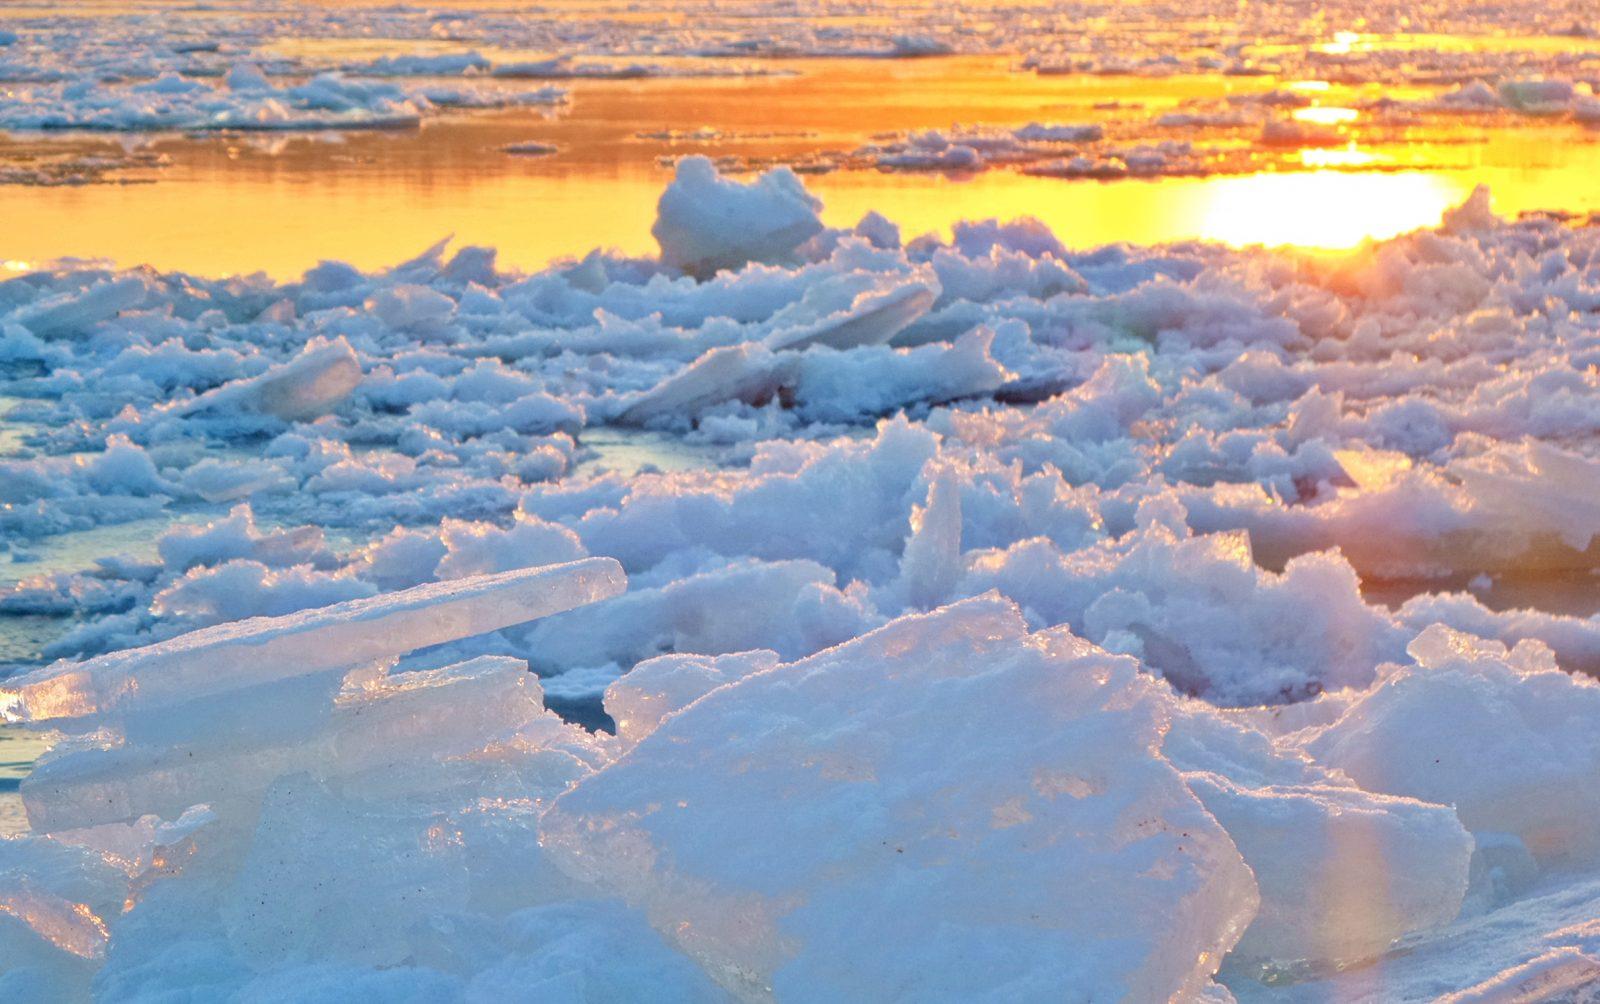 Le départ des glaces sera-t-il le 15mai à 14h30?